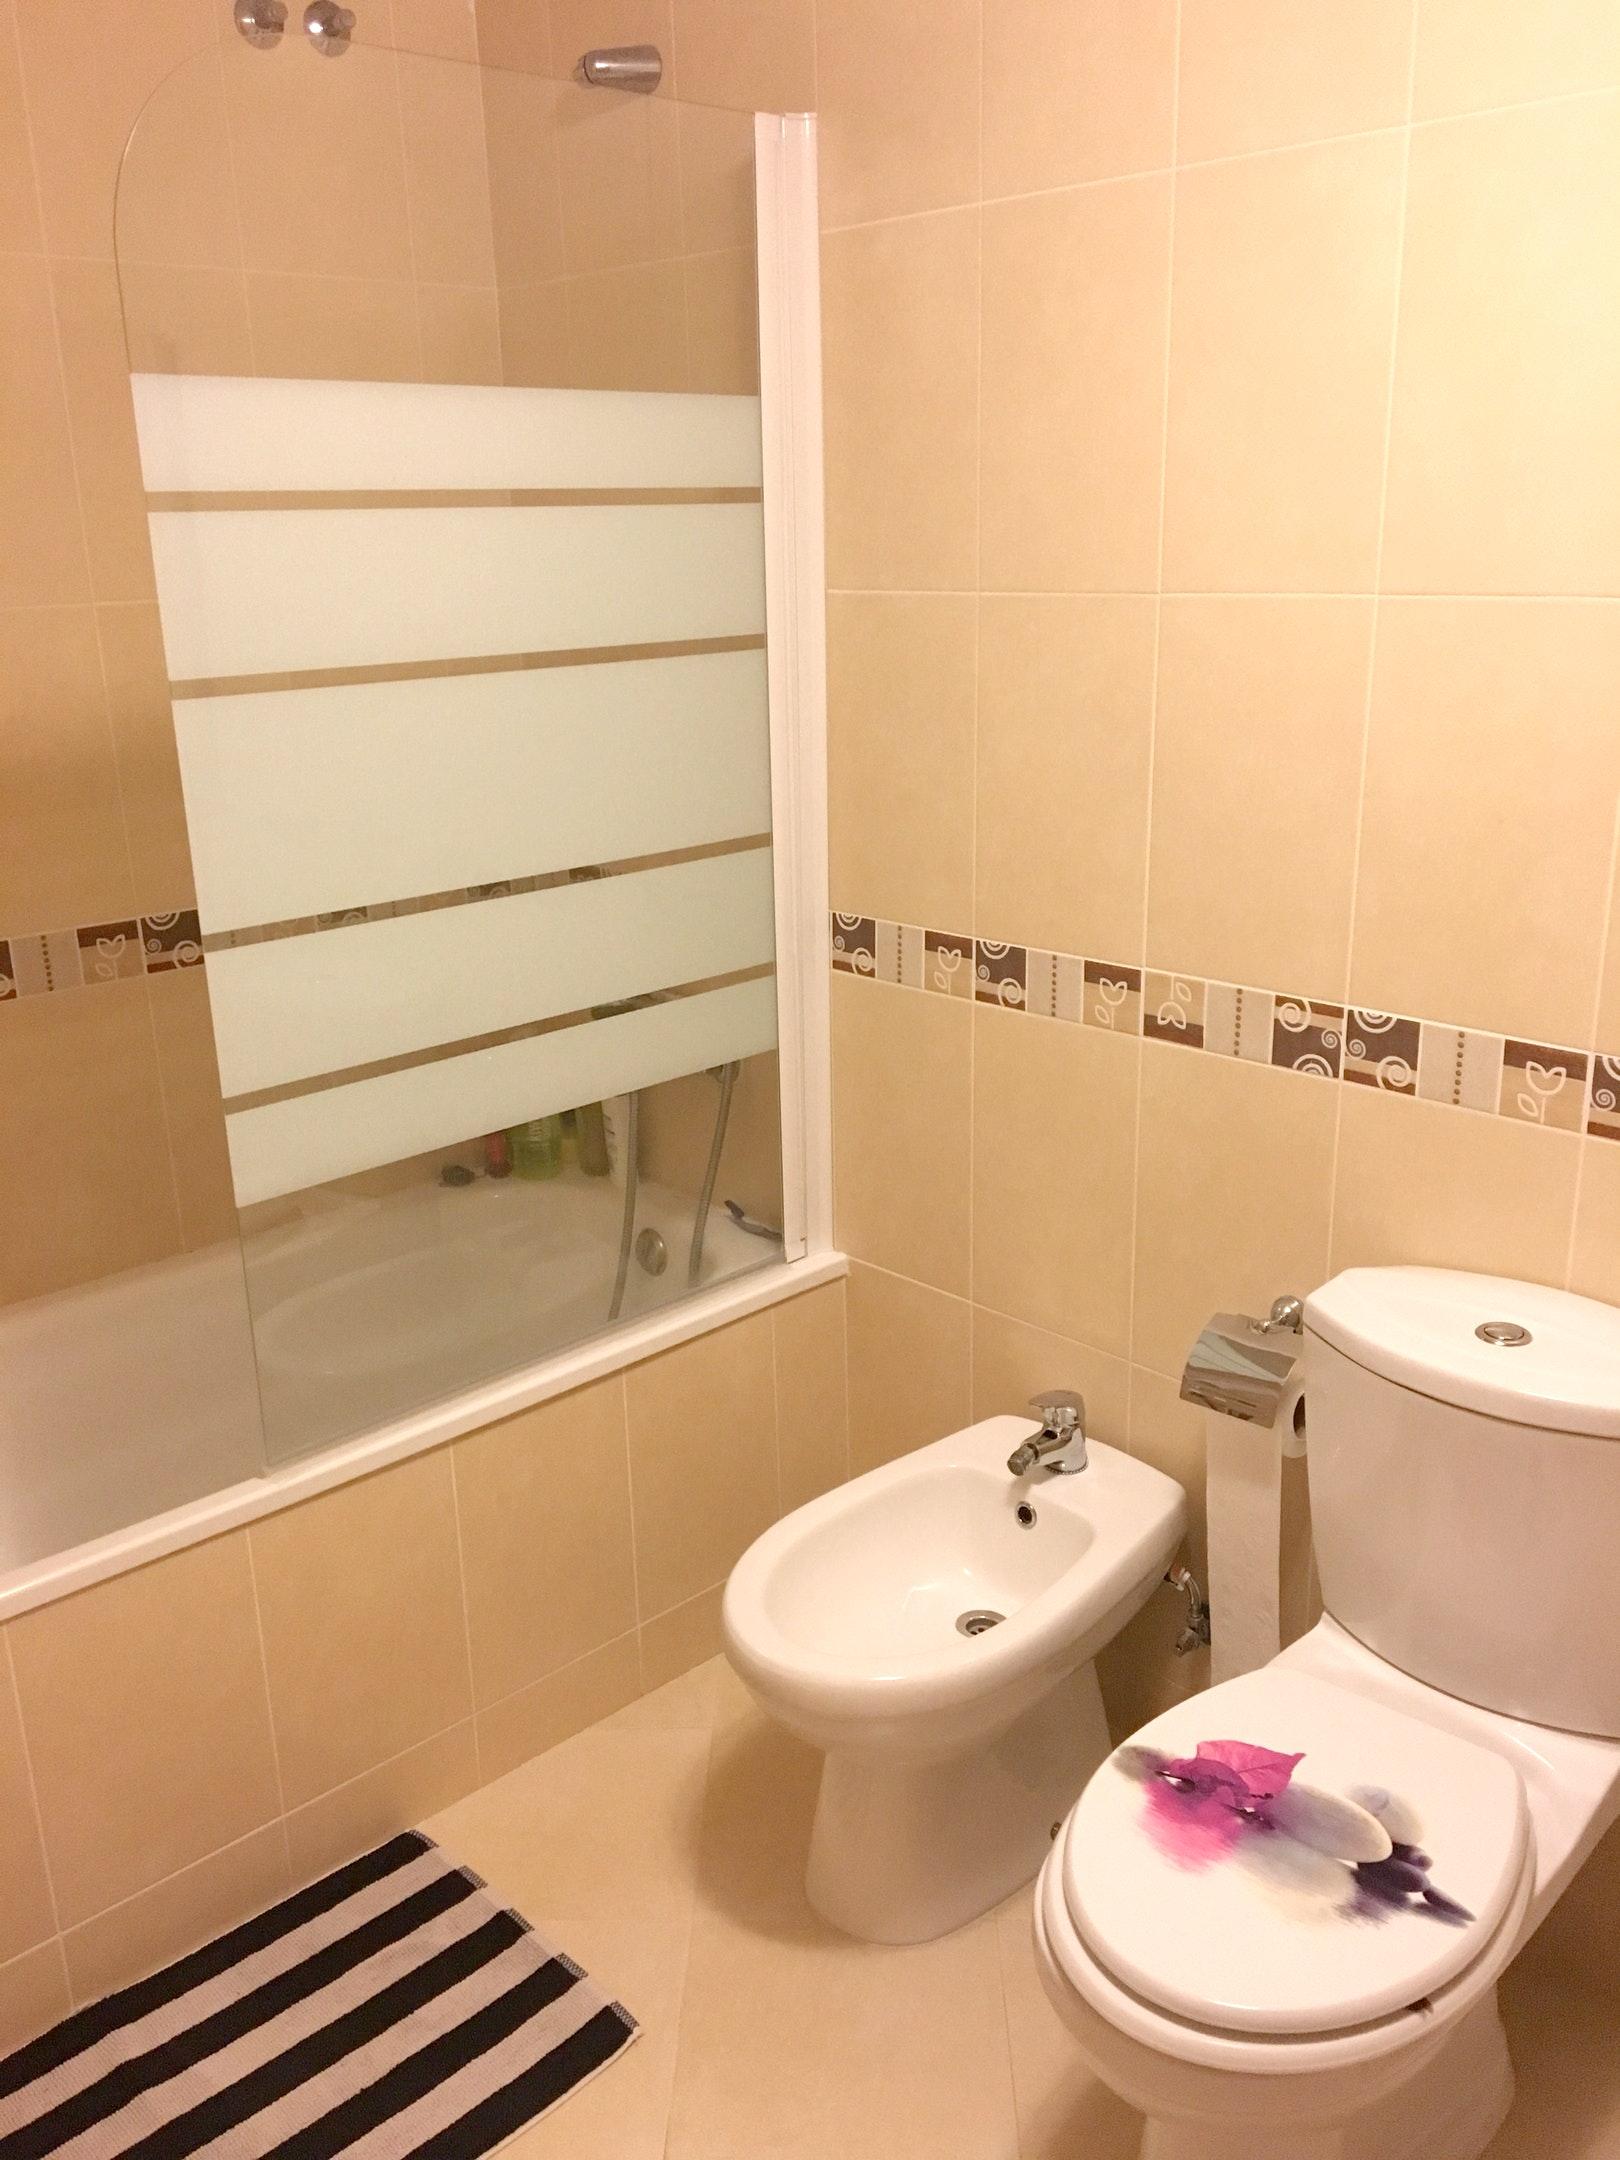 Ferienwohnung Wohnung mit 2 Schlafzimmern in San Jordi mit Pool, möblierter Terrasse und W-LAN - 25 km v (2218181), San Jorge, Provinz Castellón, Valencia, Spanien, Bild 12